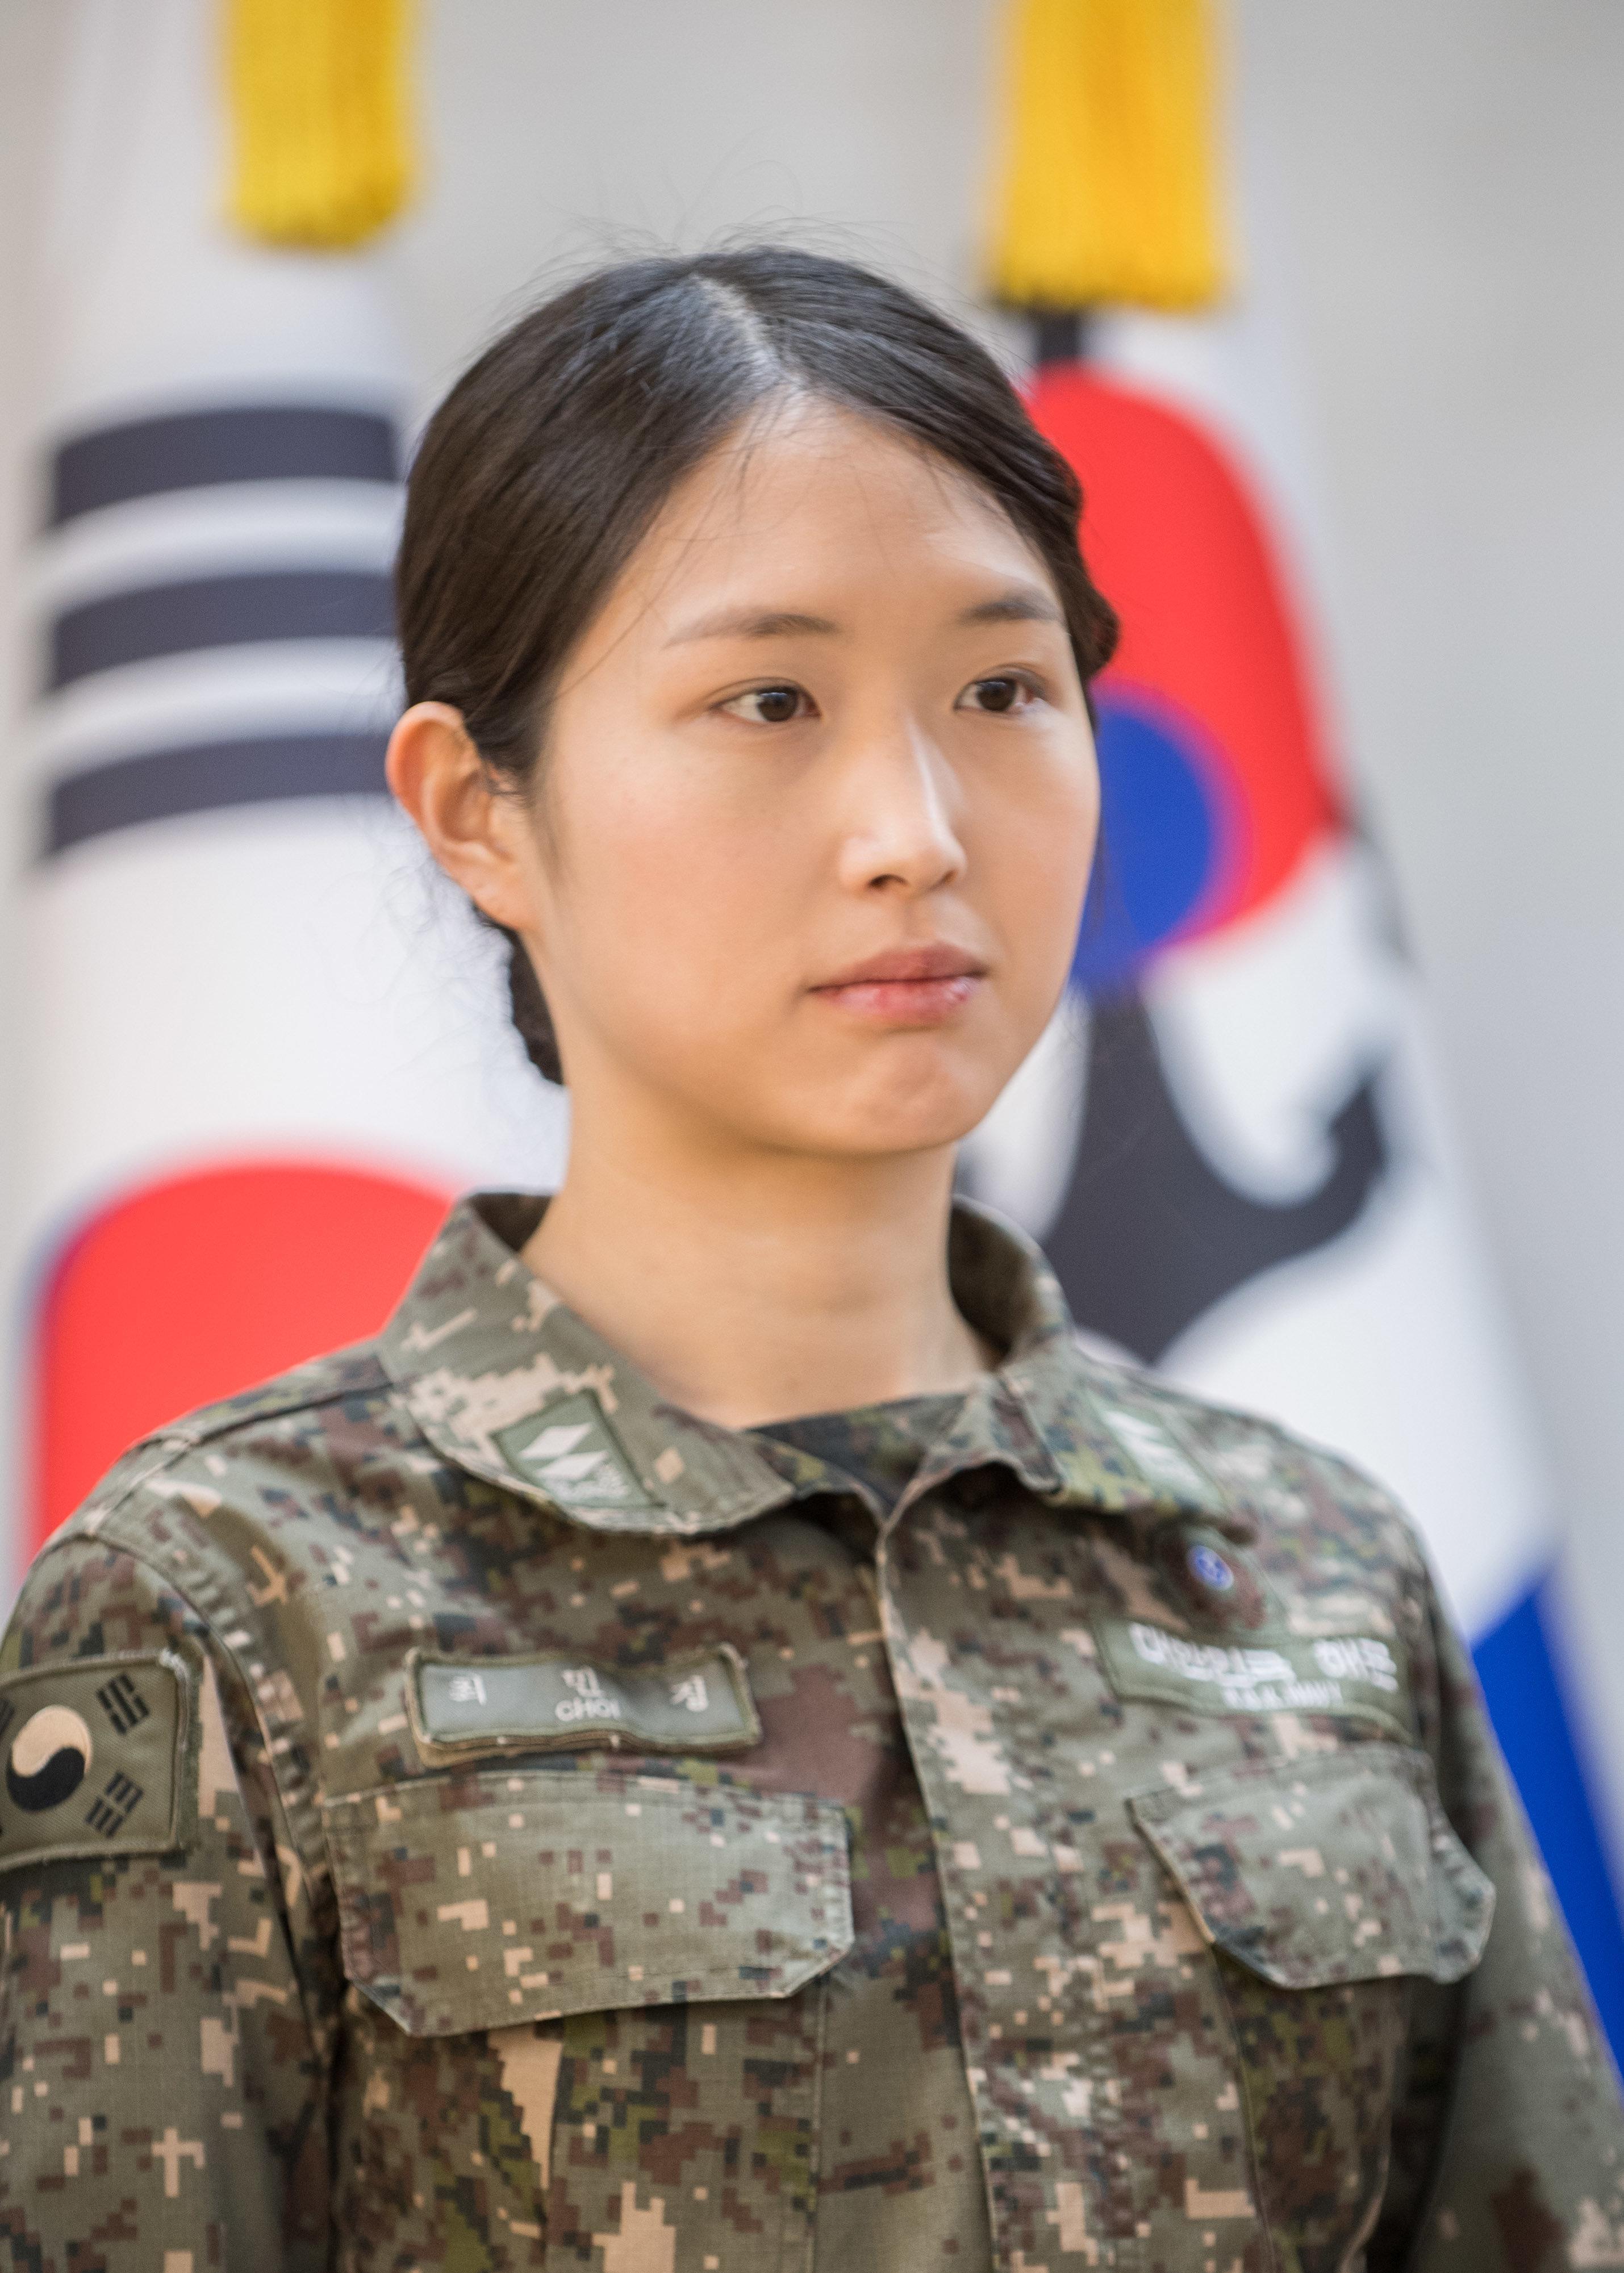 '해군 자원' 국내 3대 재벌가 차녀가 전역 뒤 내린 또 한 번의 이색